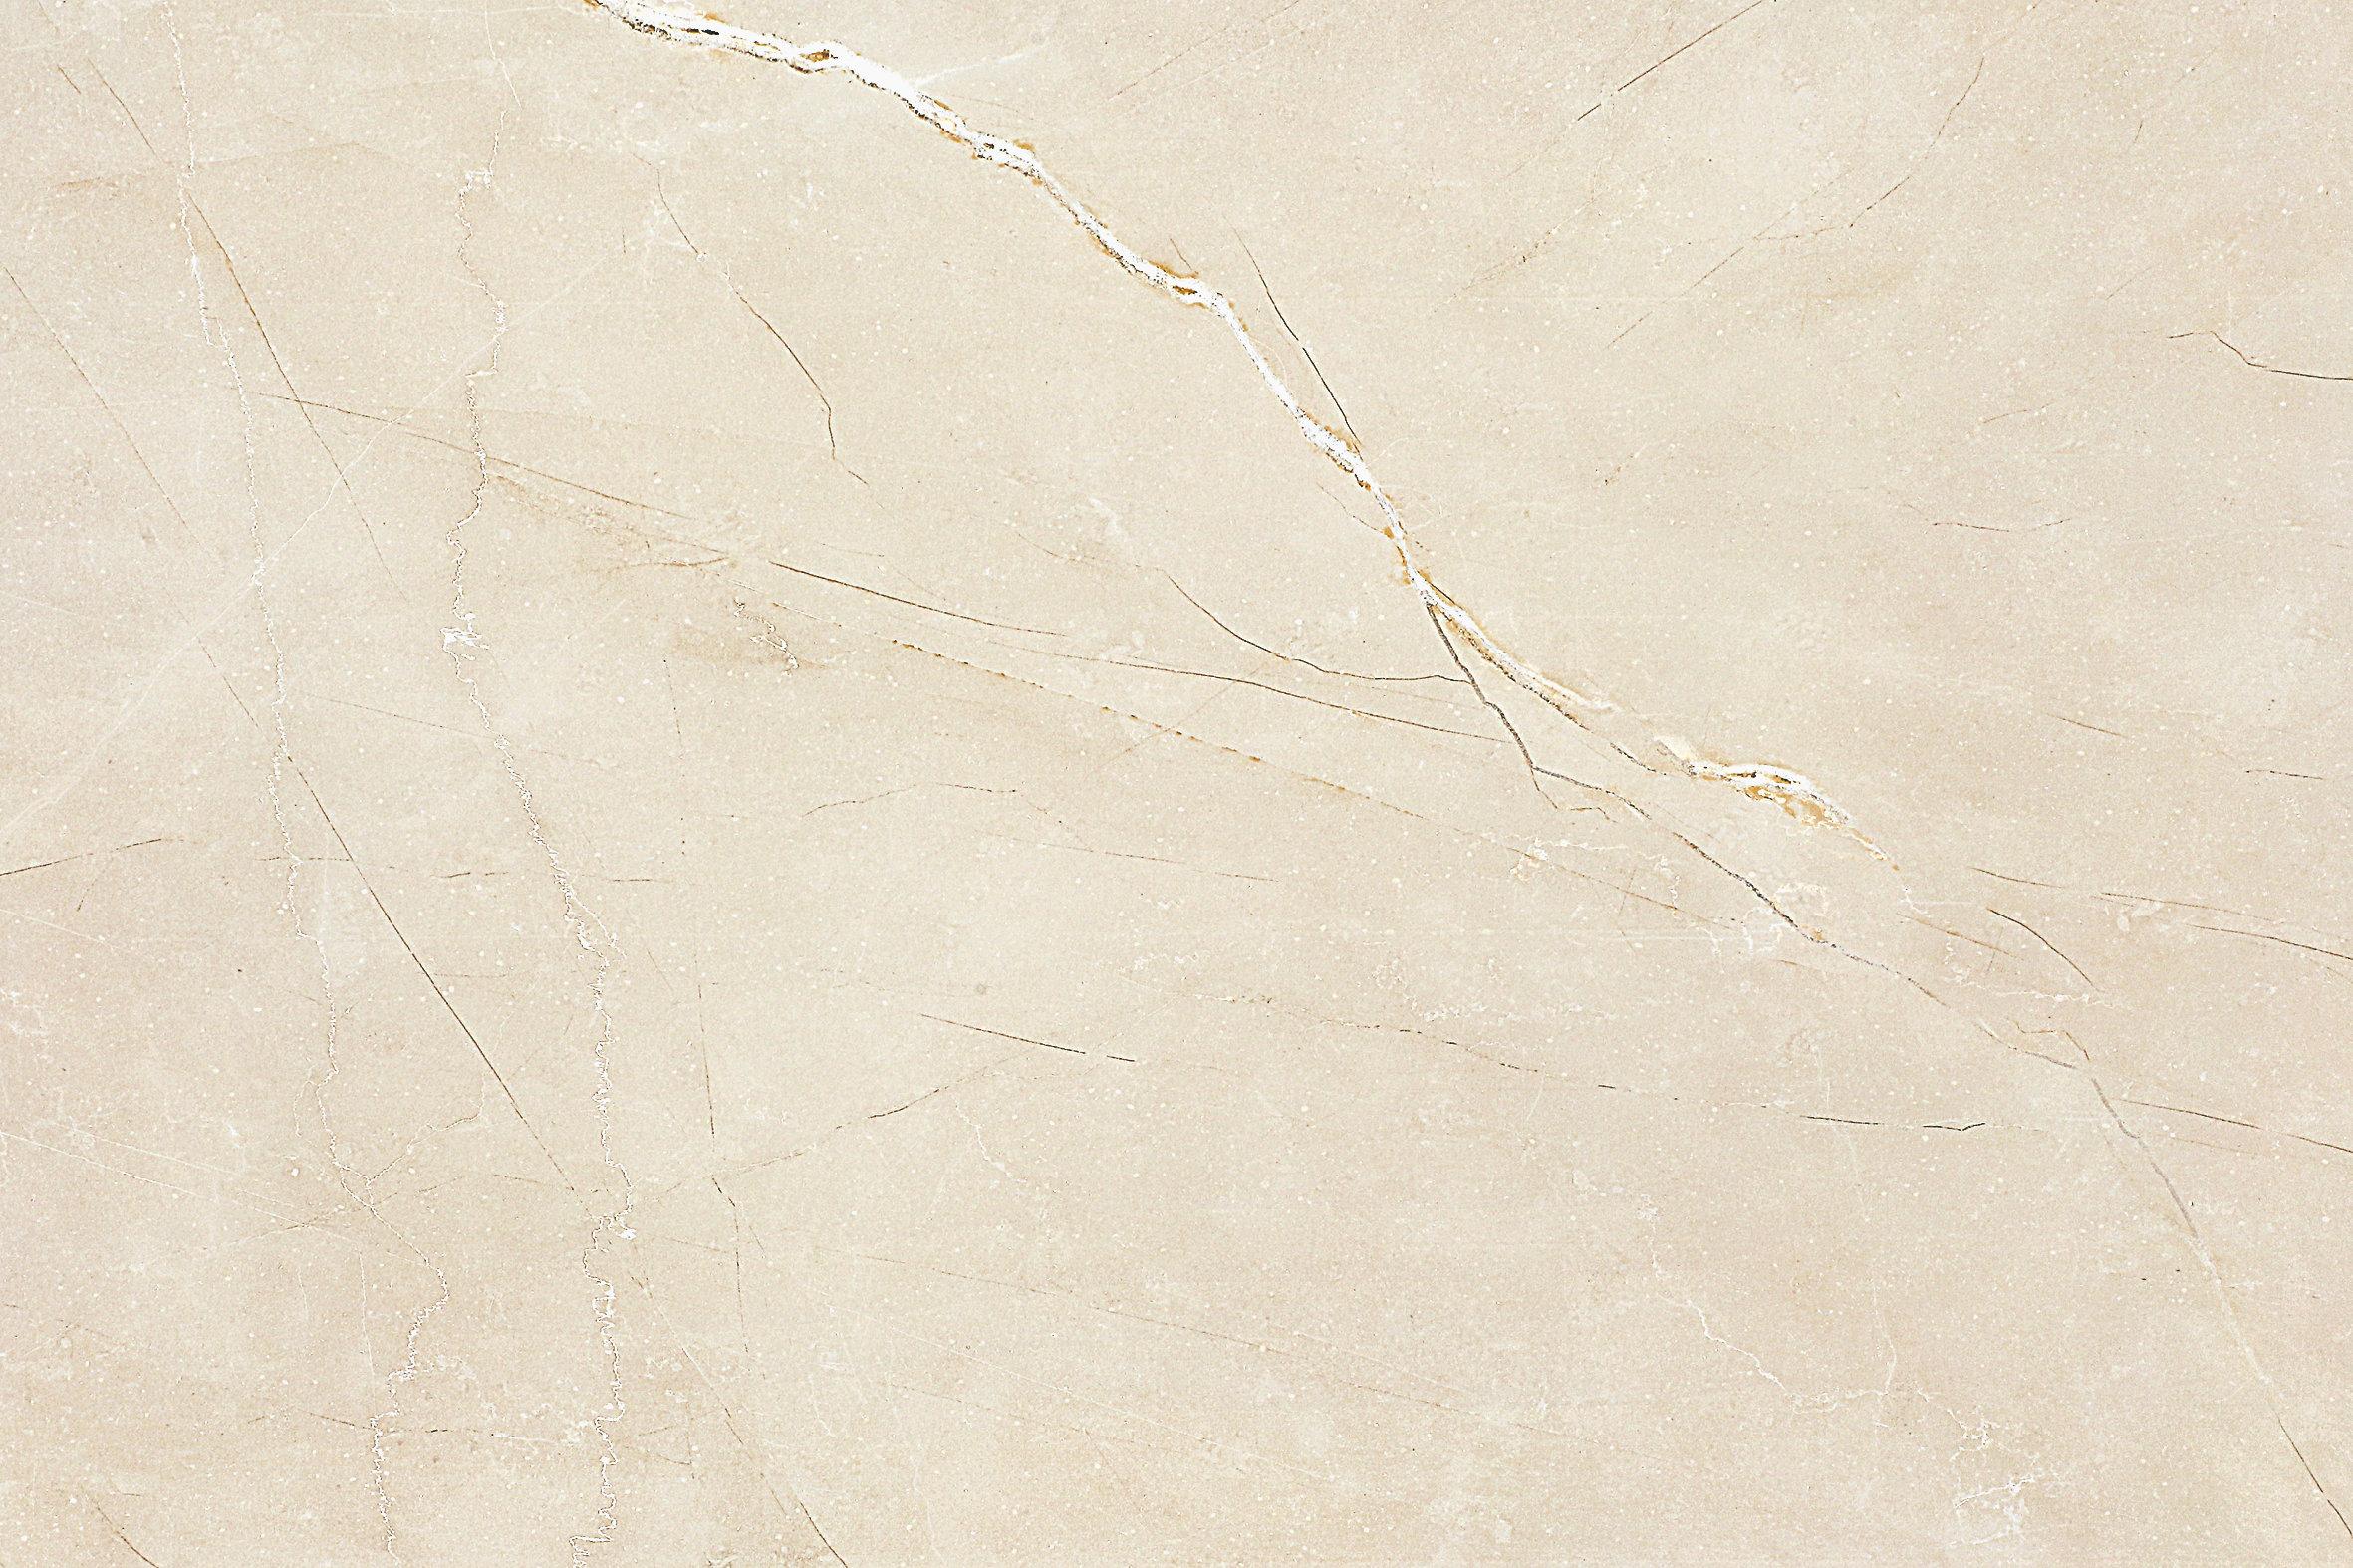 帕斯高灰 / CRS6932 / 600x900mm /  柔光大理石